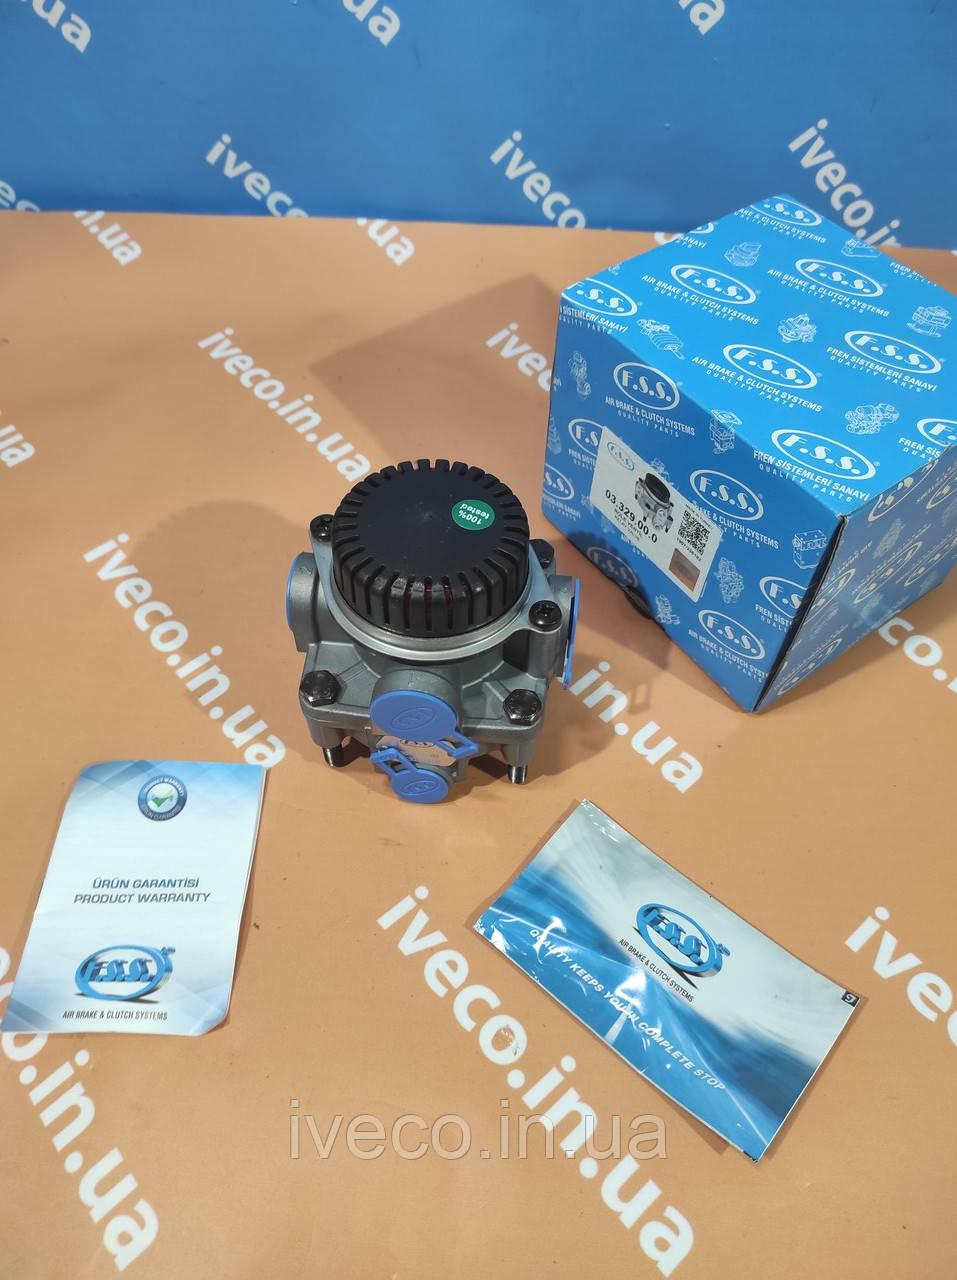 Клапан ускорительный Iveco Eurotech Eurotrakker Trakker Траккер Стралис  K127012 AC574AXY 41031426 9730110000